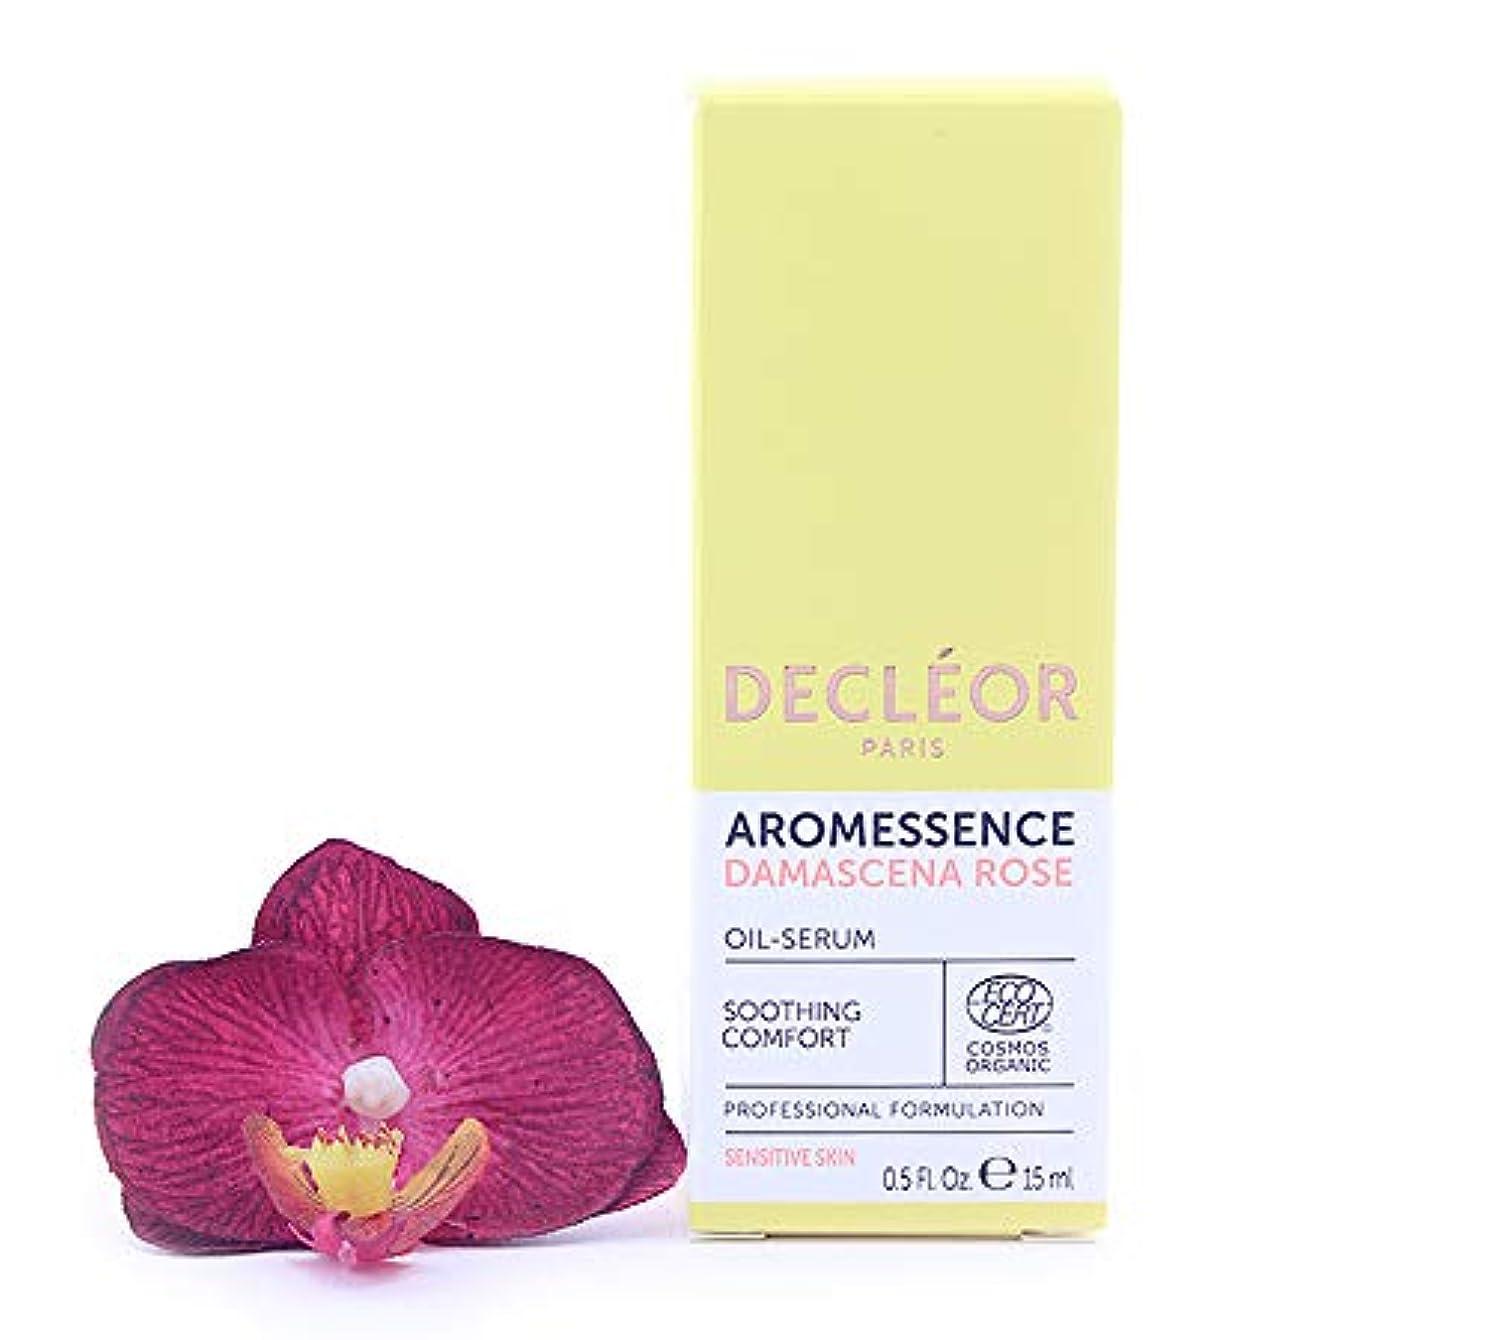 デクレオール Aromessence Rose D'Orient (Damascena Rose) Soothing Comfort Oil Serum 15ml/0.5oz並行輸入品